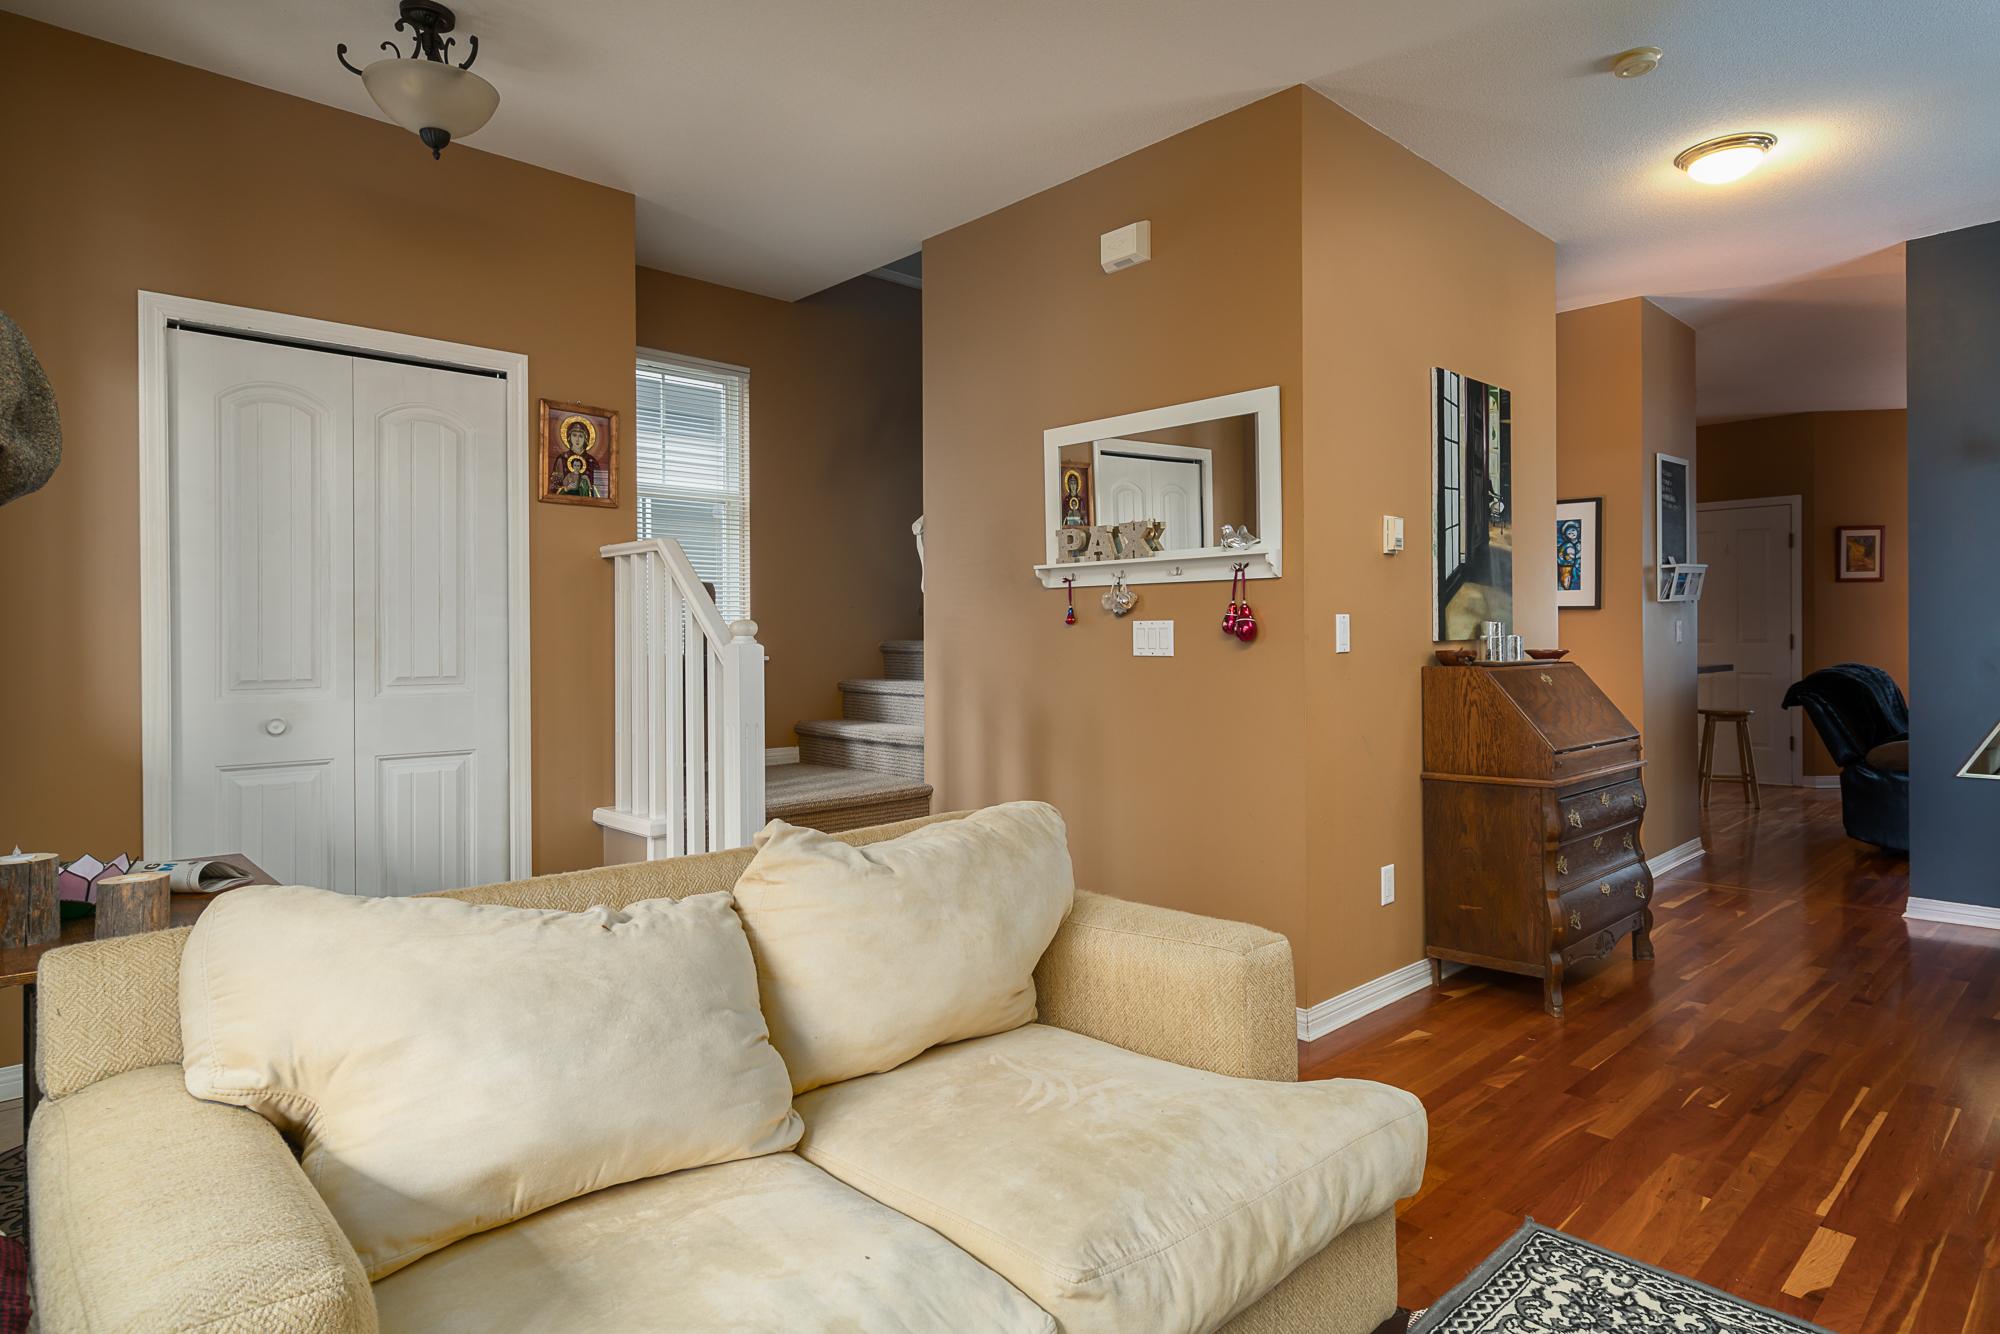 14861-57a-interior1.jpg